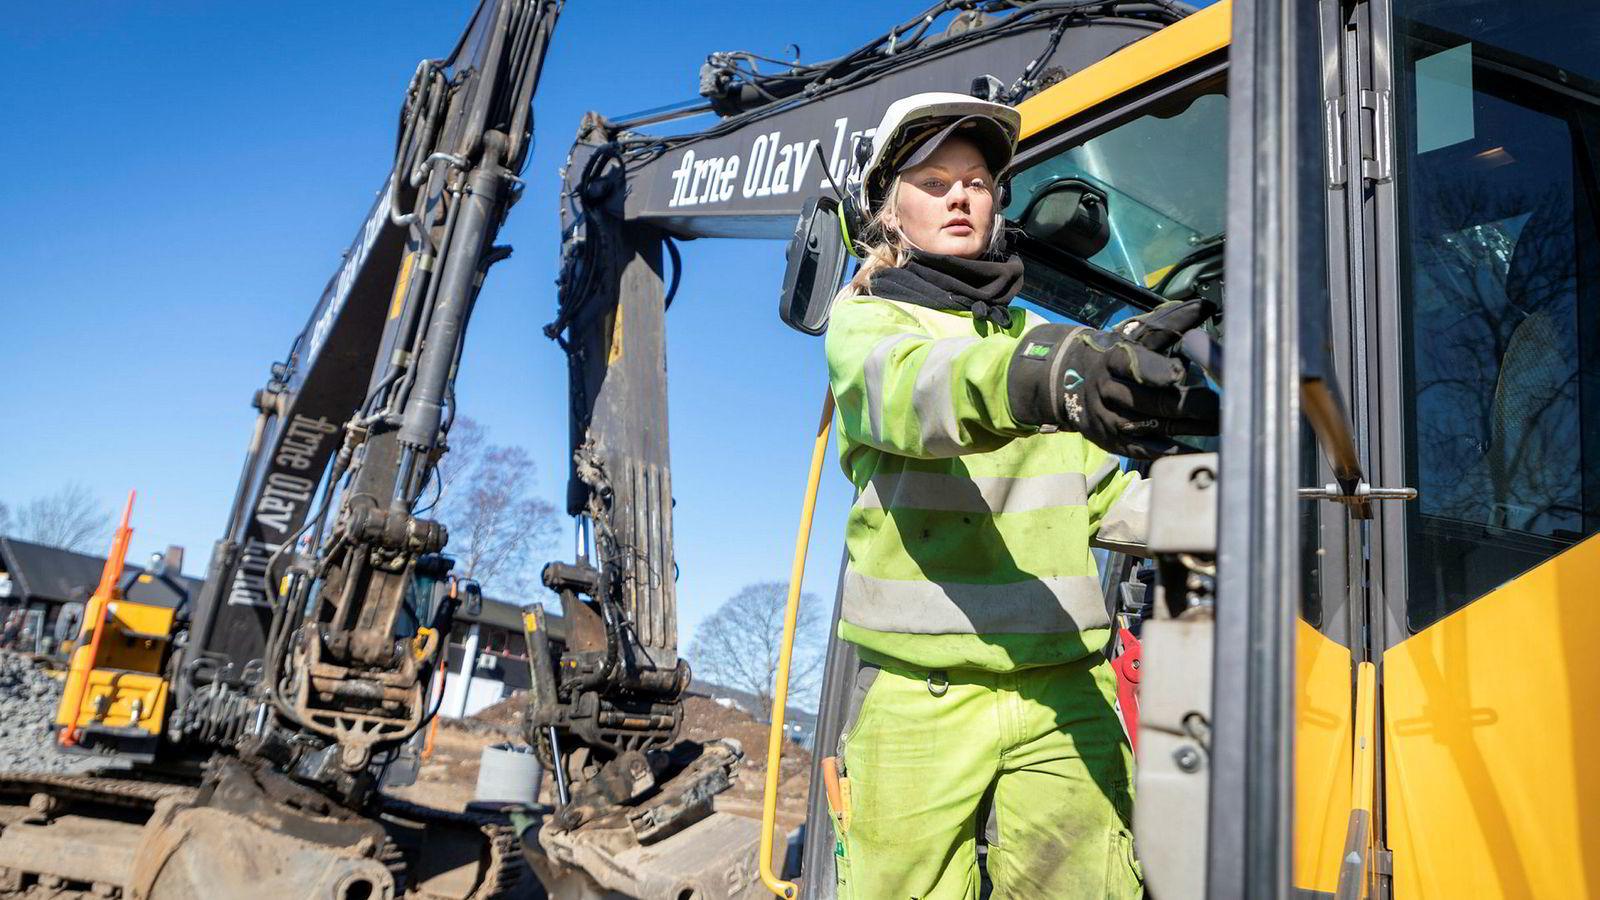 – Pappa er ganske stolt da, sier maskinførerlærling Emily Biksrud (19) mens hun jobber med å legge rør mellom to sandfangere.